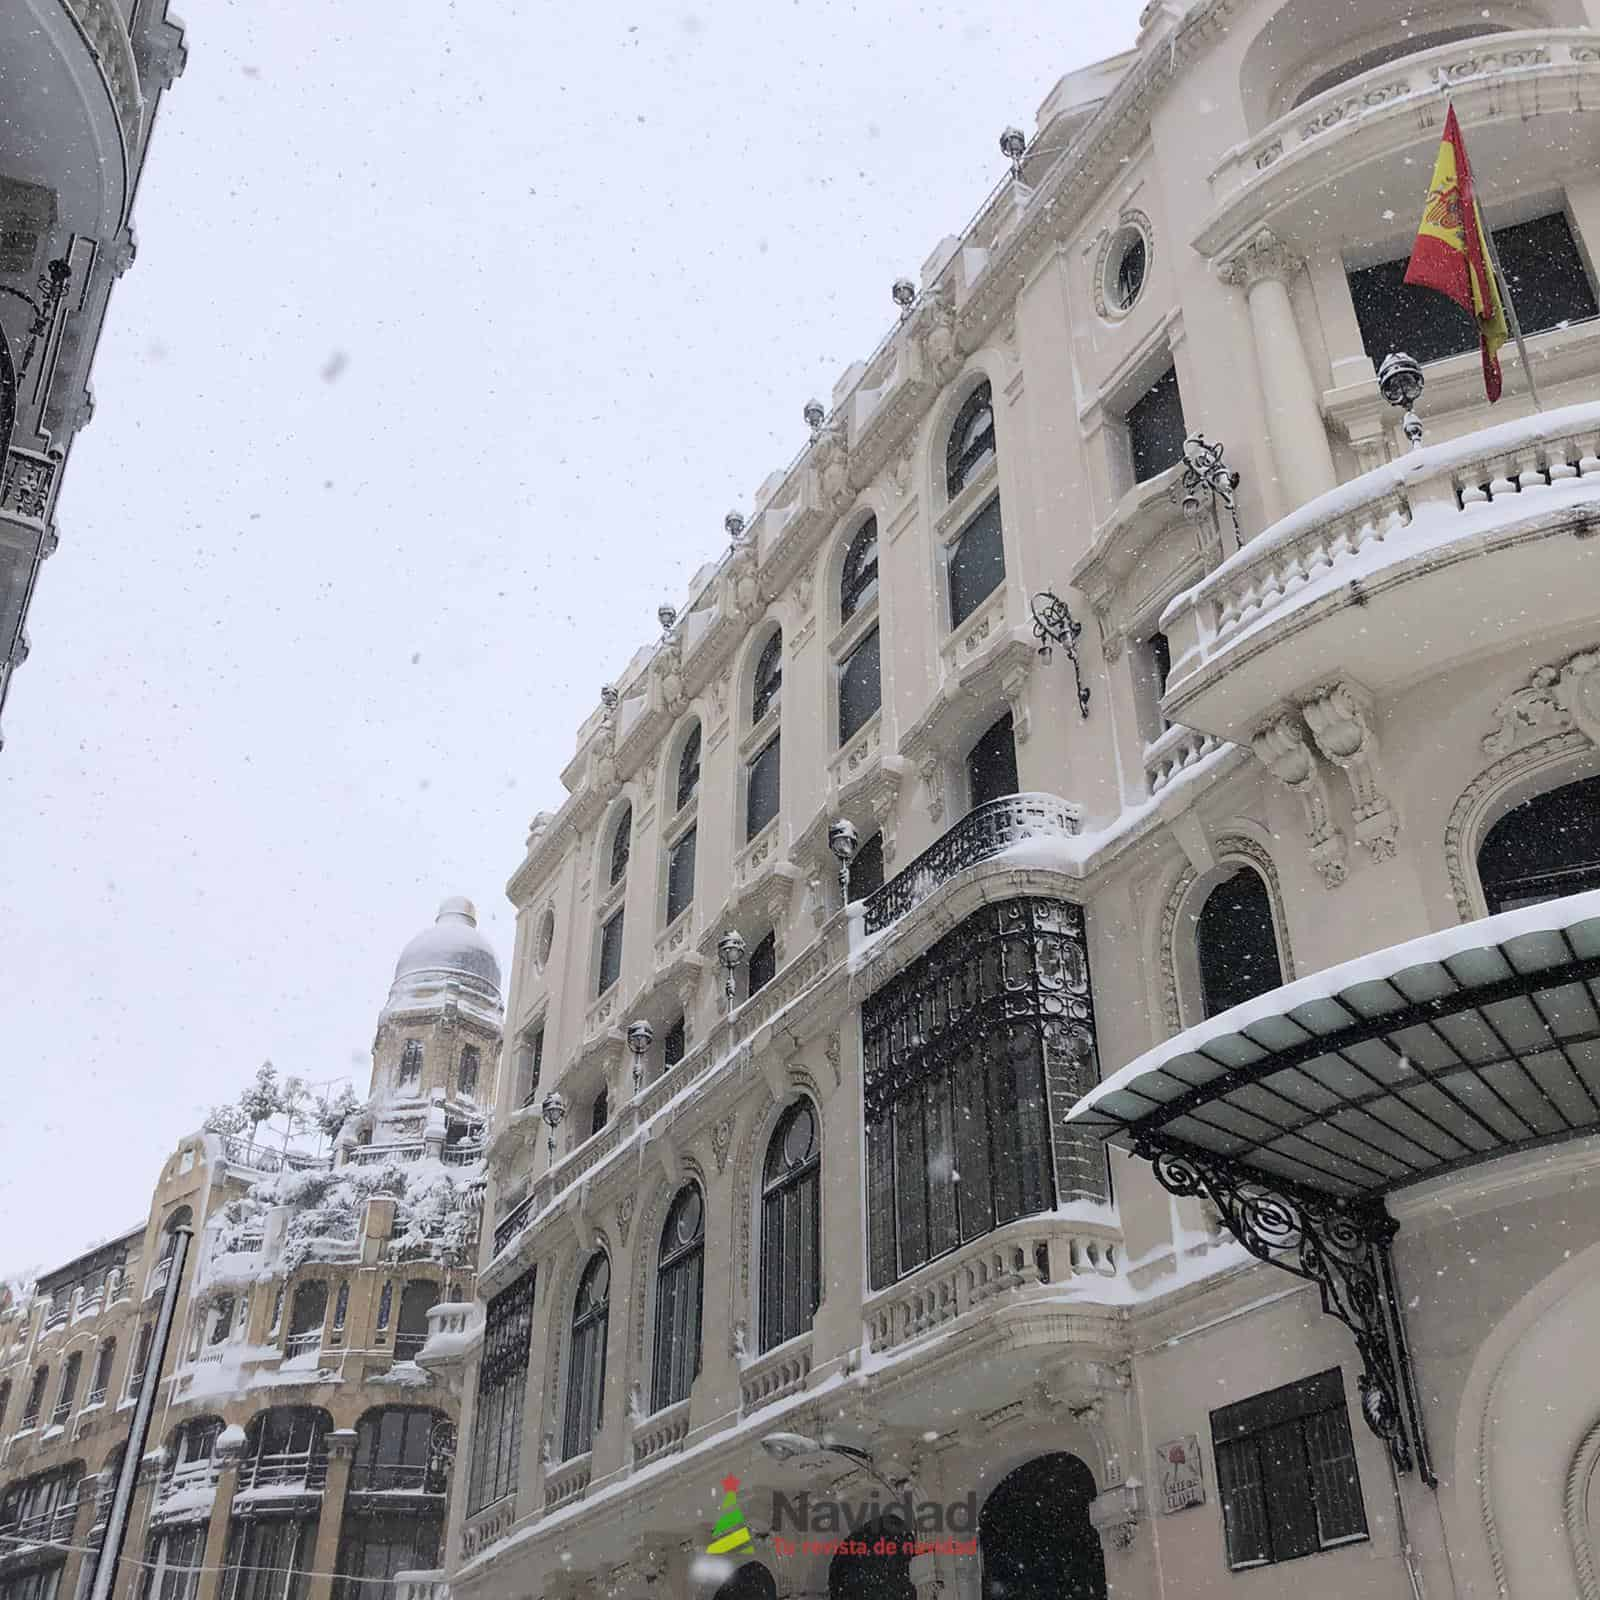 Fotografías de la nevada de enero en Madrid (España) 187